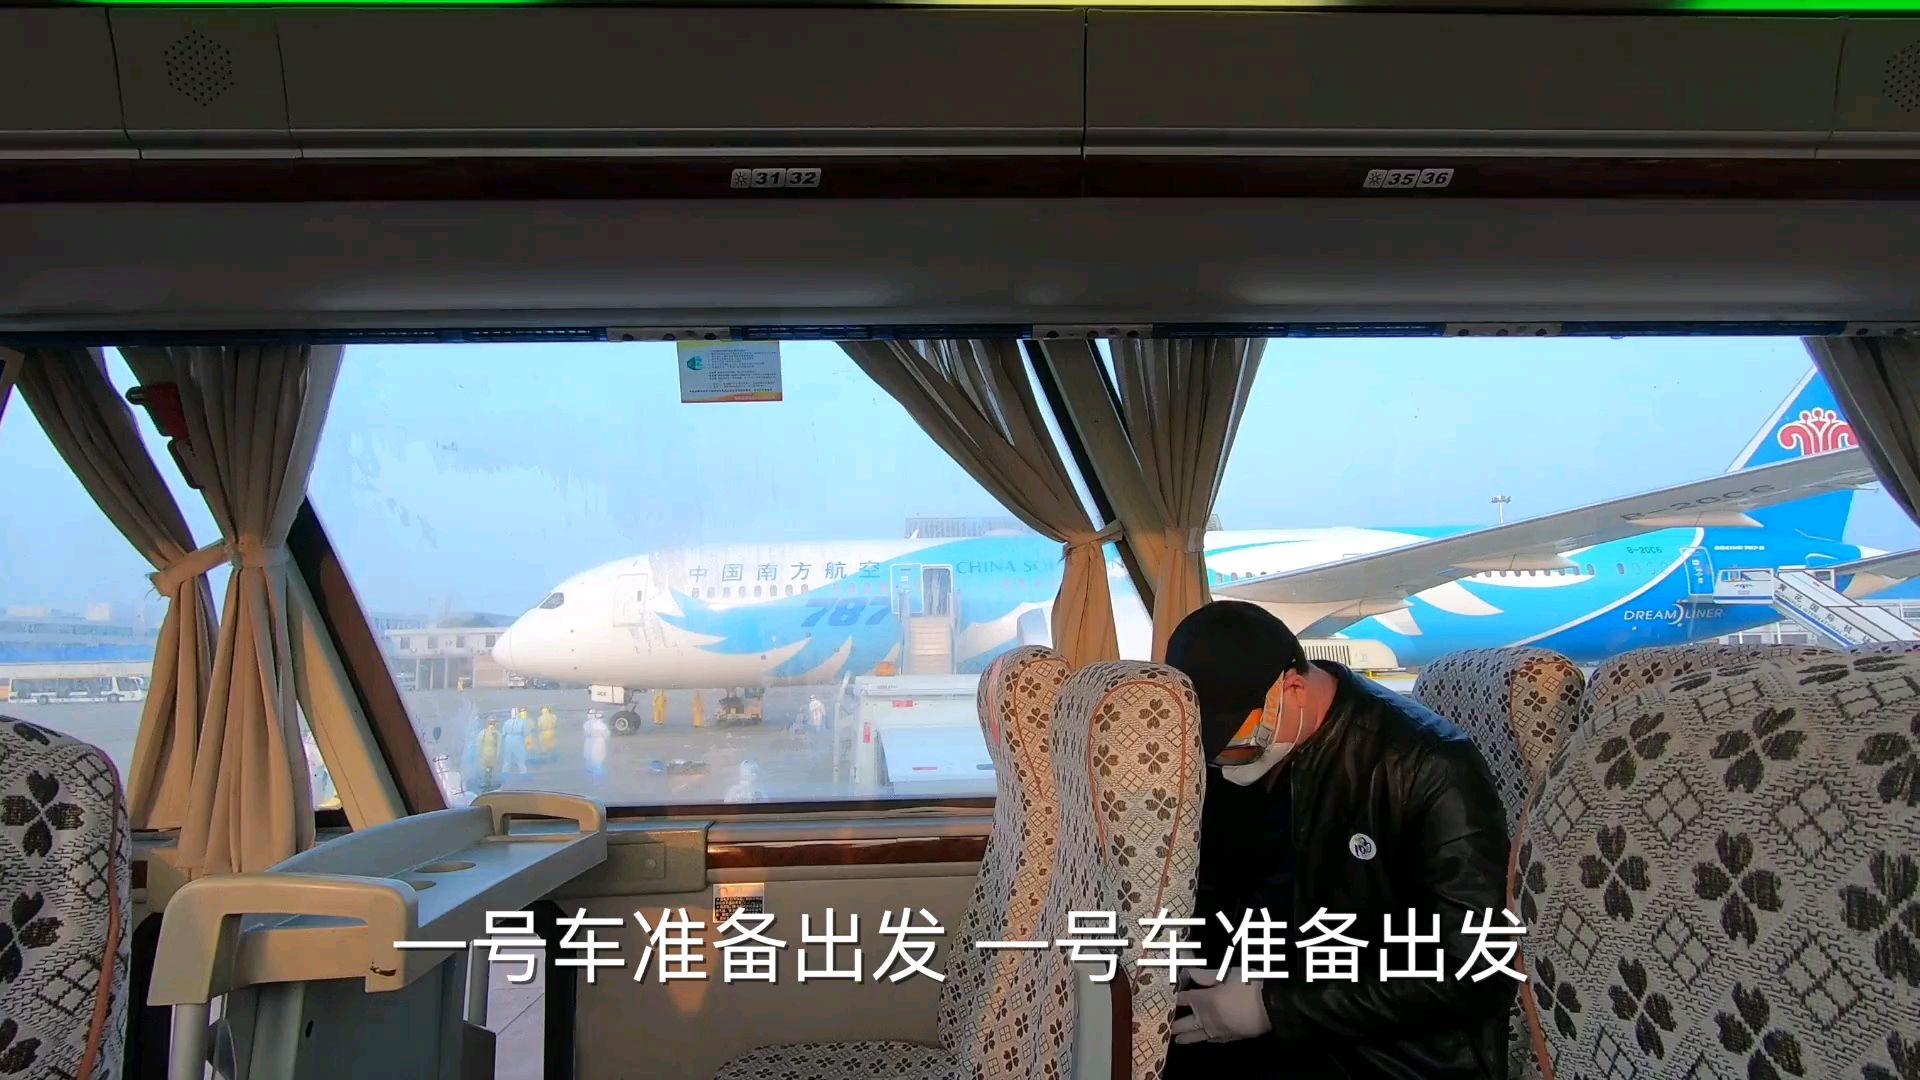 伊朗疫情爆发,中国大使馆包机接人,网友:我们有个强大的祖国!